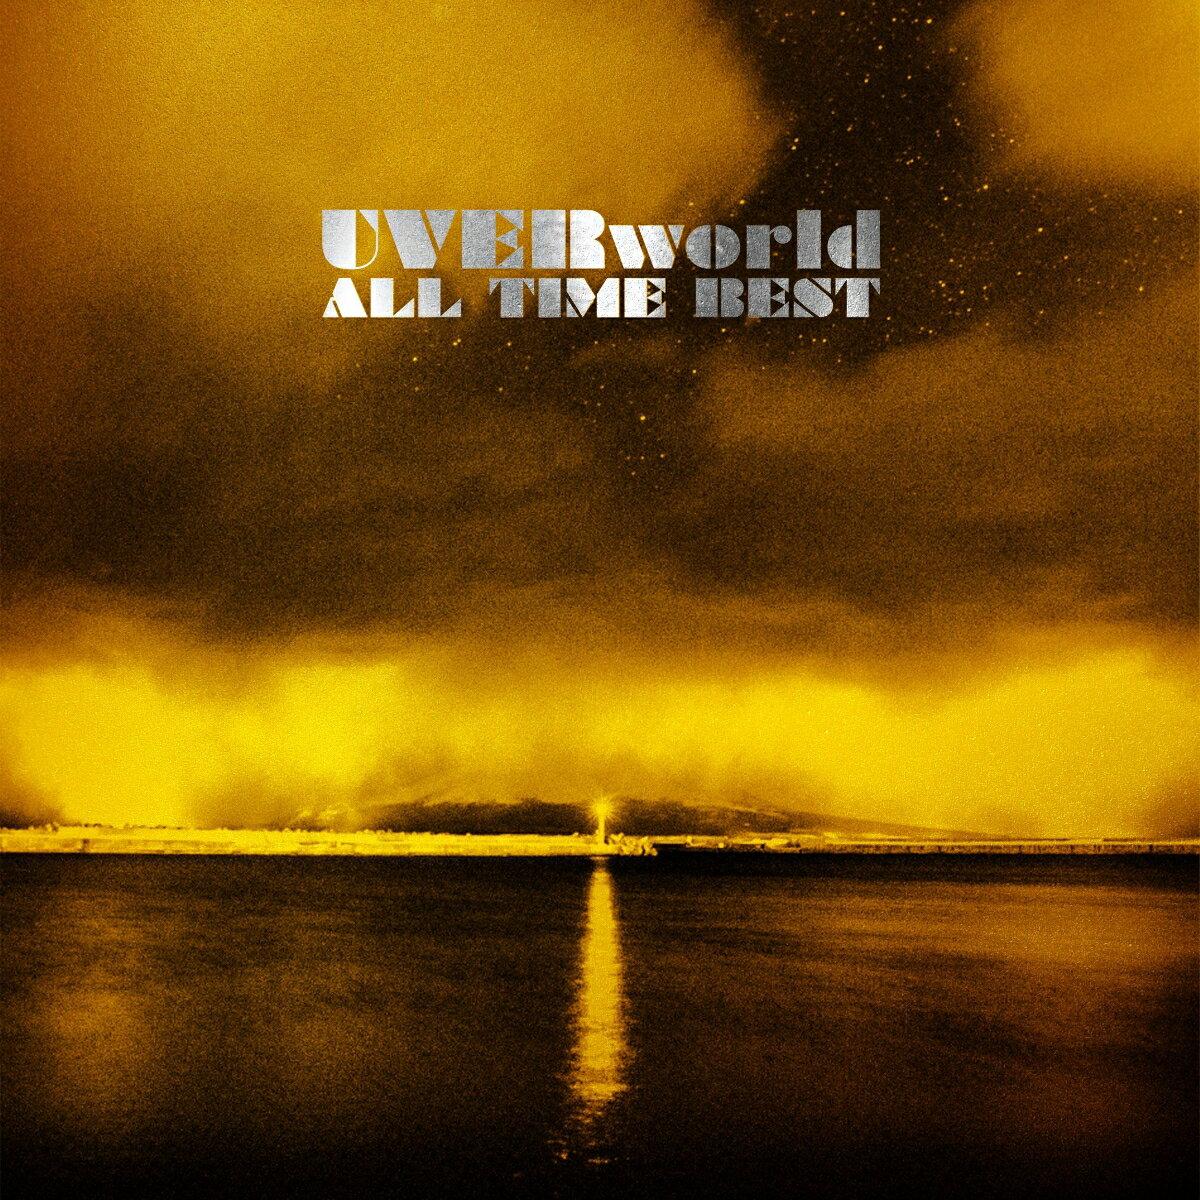 【楽天ブックス限定先着特典】ALL TIME BEST (完全生産限定盤 4CD+グッズ) (ミニクリアファイル付き) [ UVERworld ]